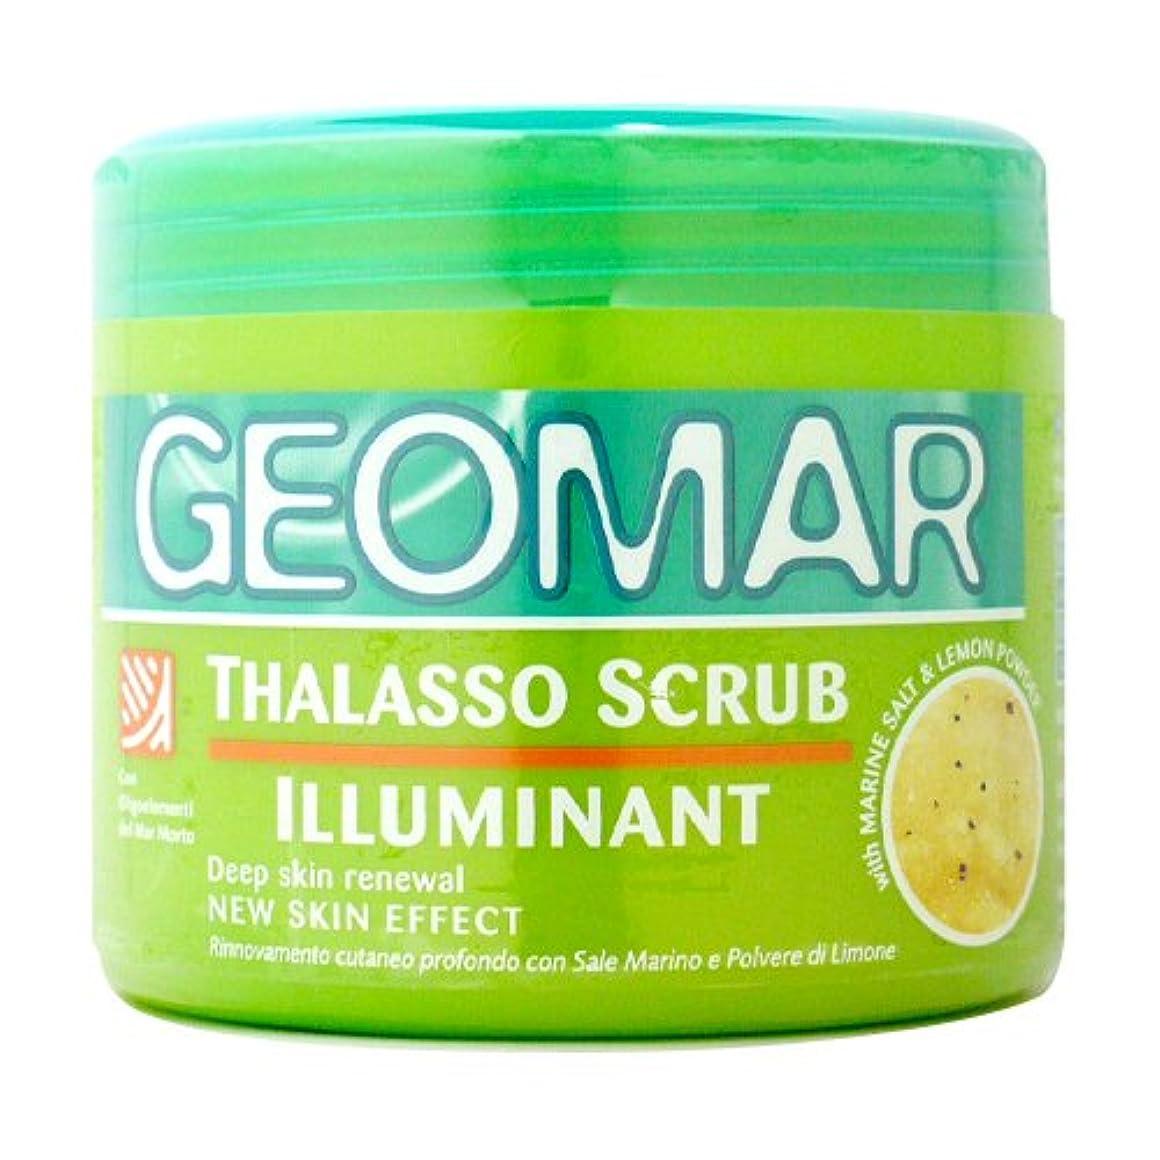 スパイラルに付ける州ジェオマール タラソスクラブ イルミナント (ブライトレモン) 600g